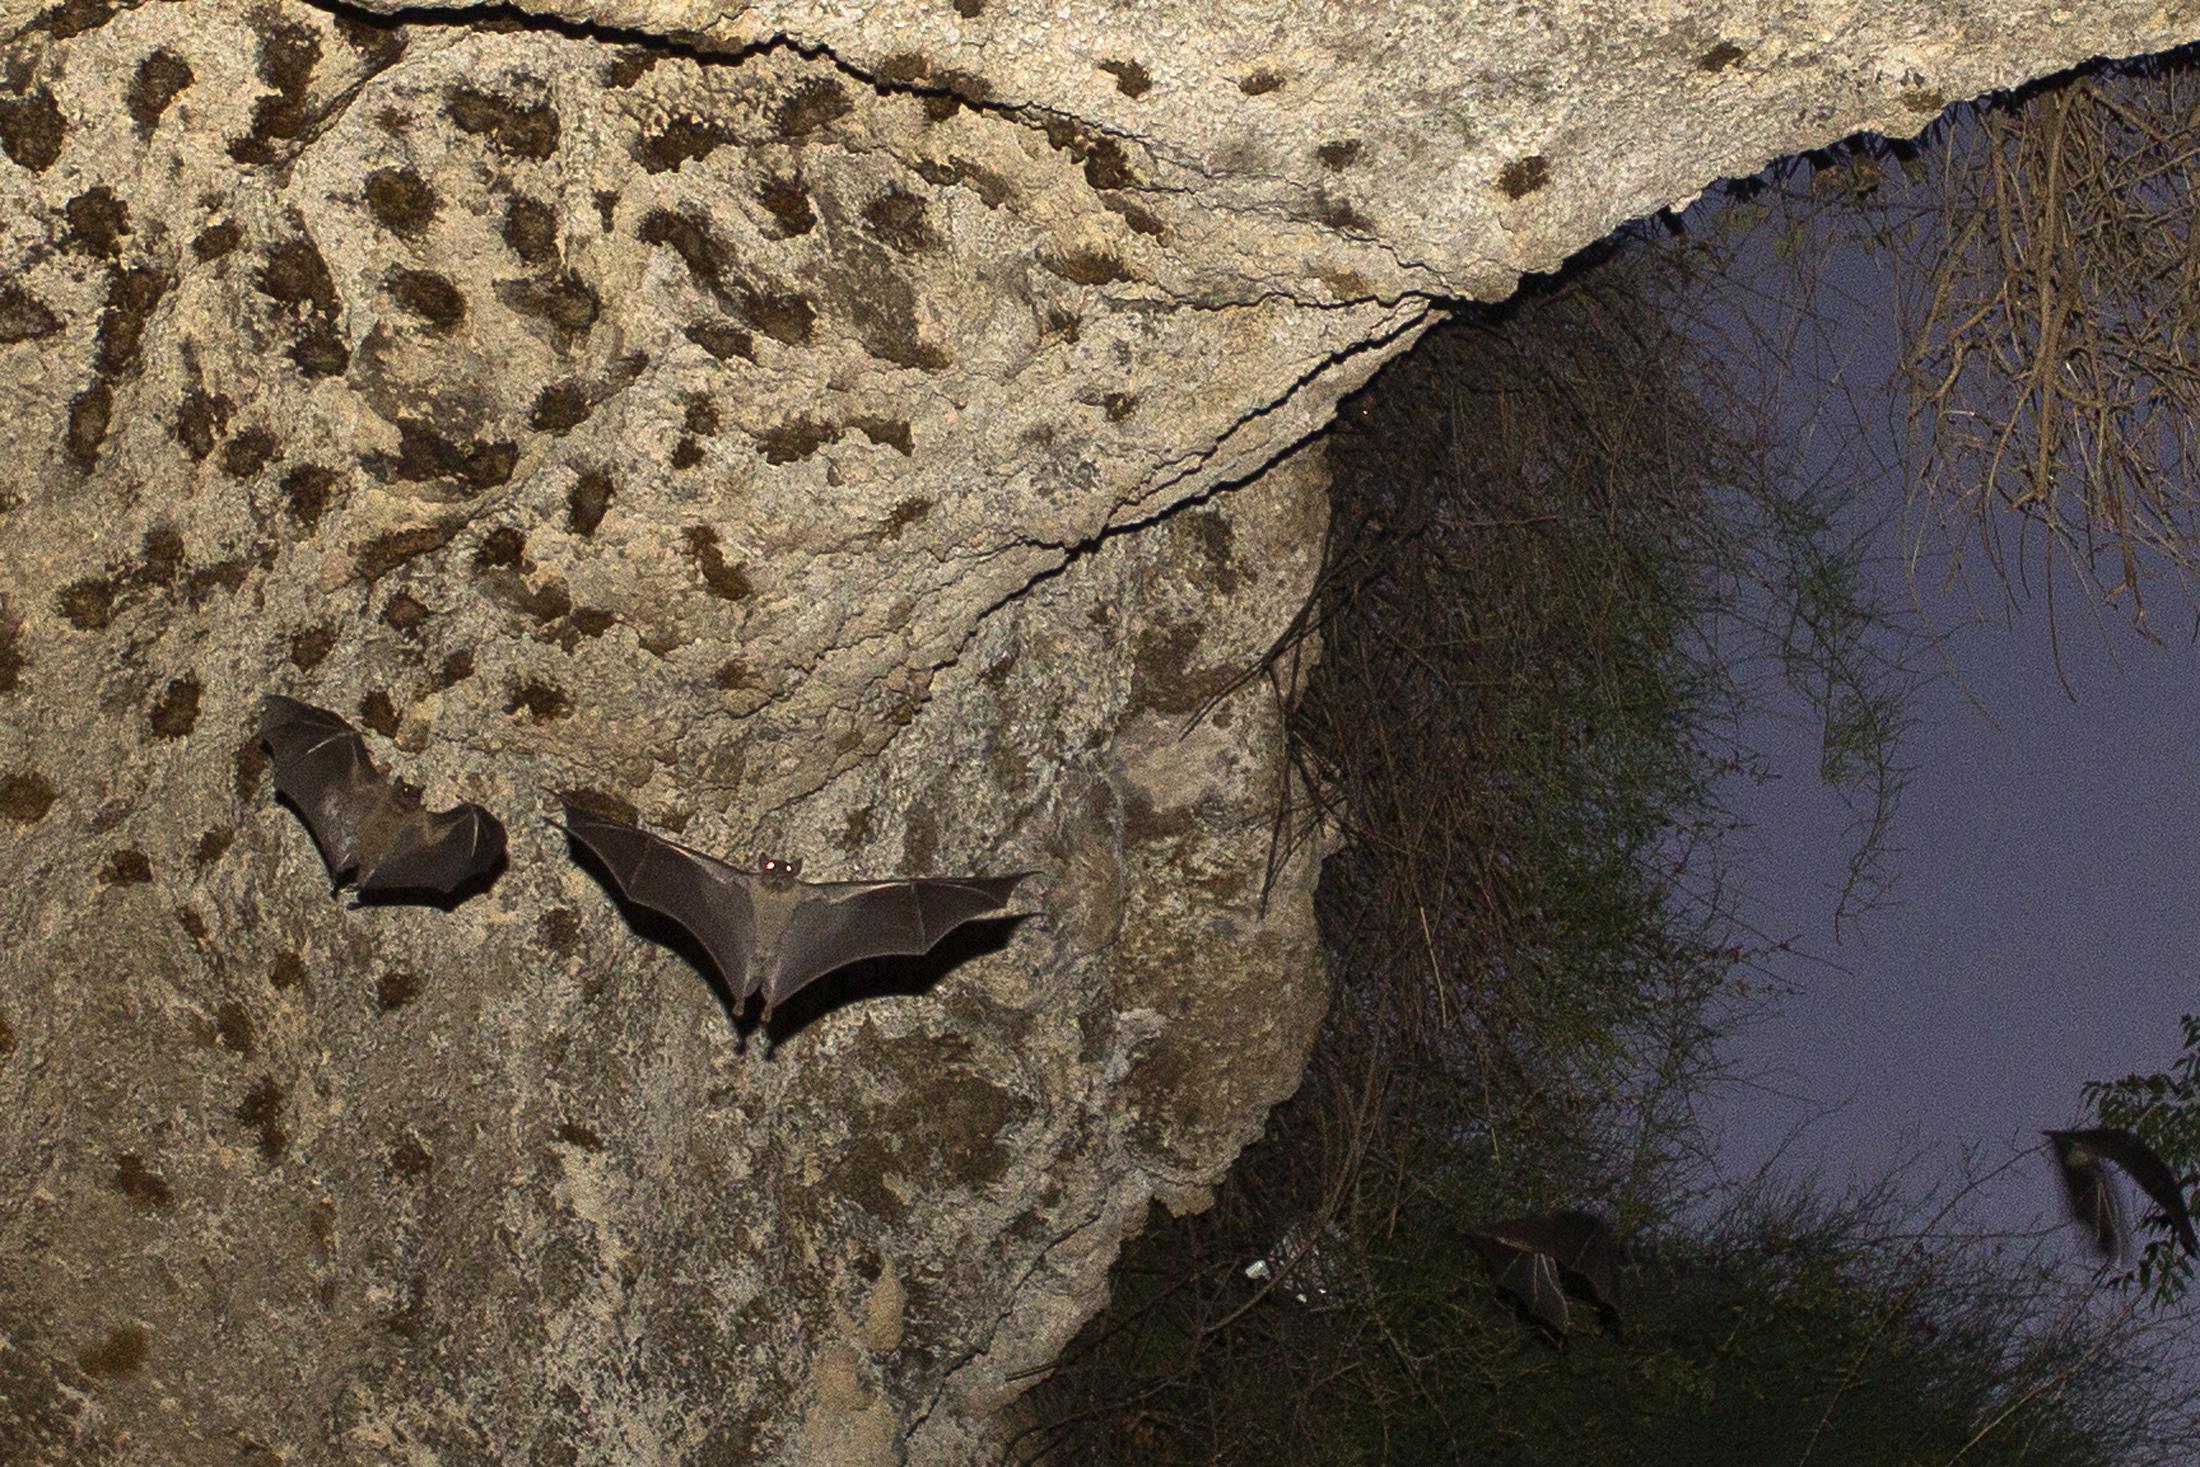 Bats fly in a cave in Herzliya, near Tel Aviv July 31, 2012.REUTERS/Nir Elias